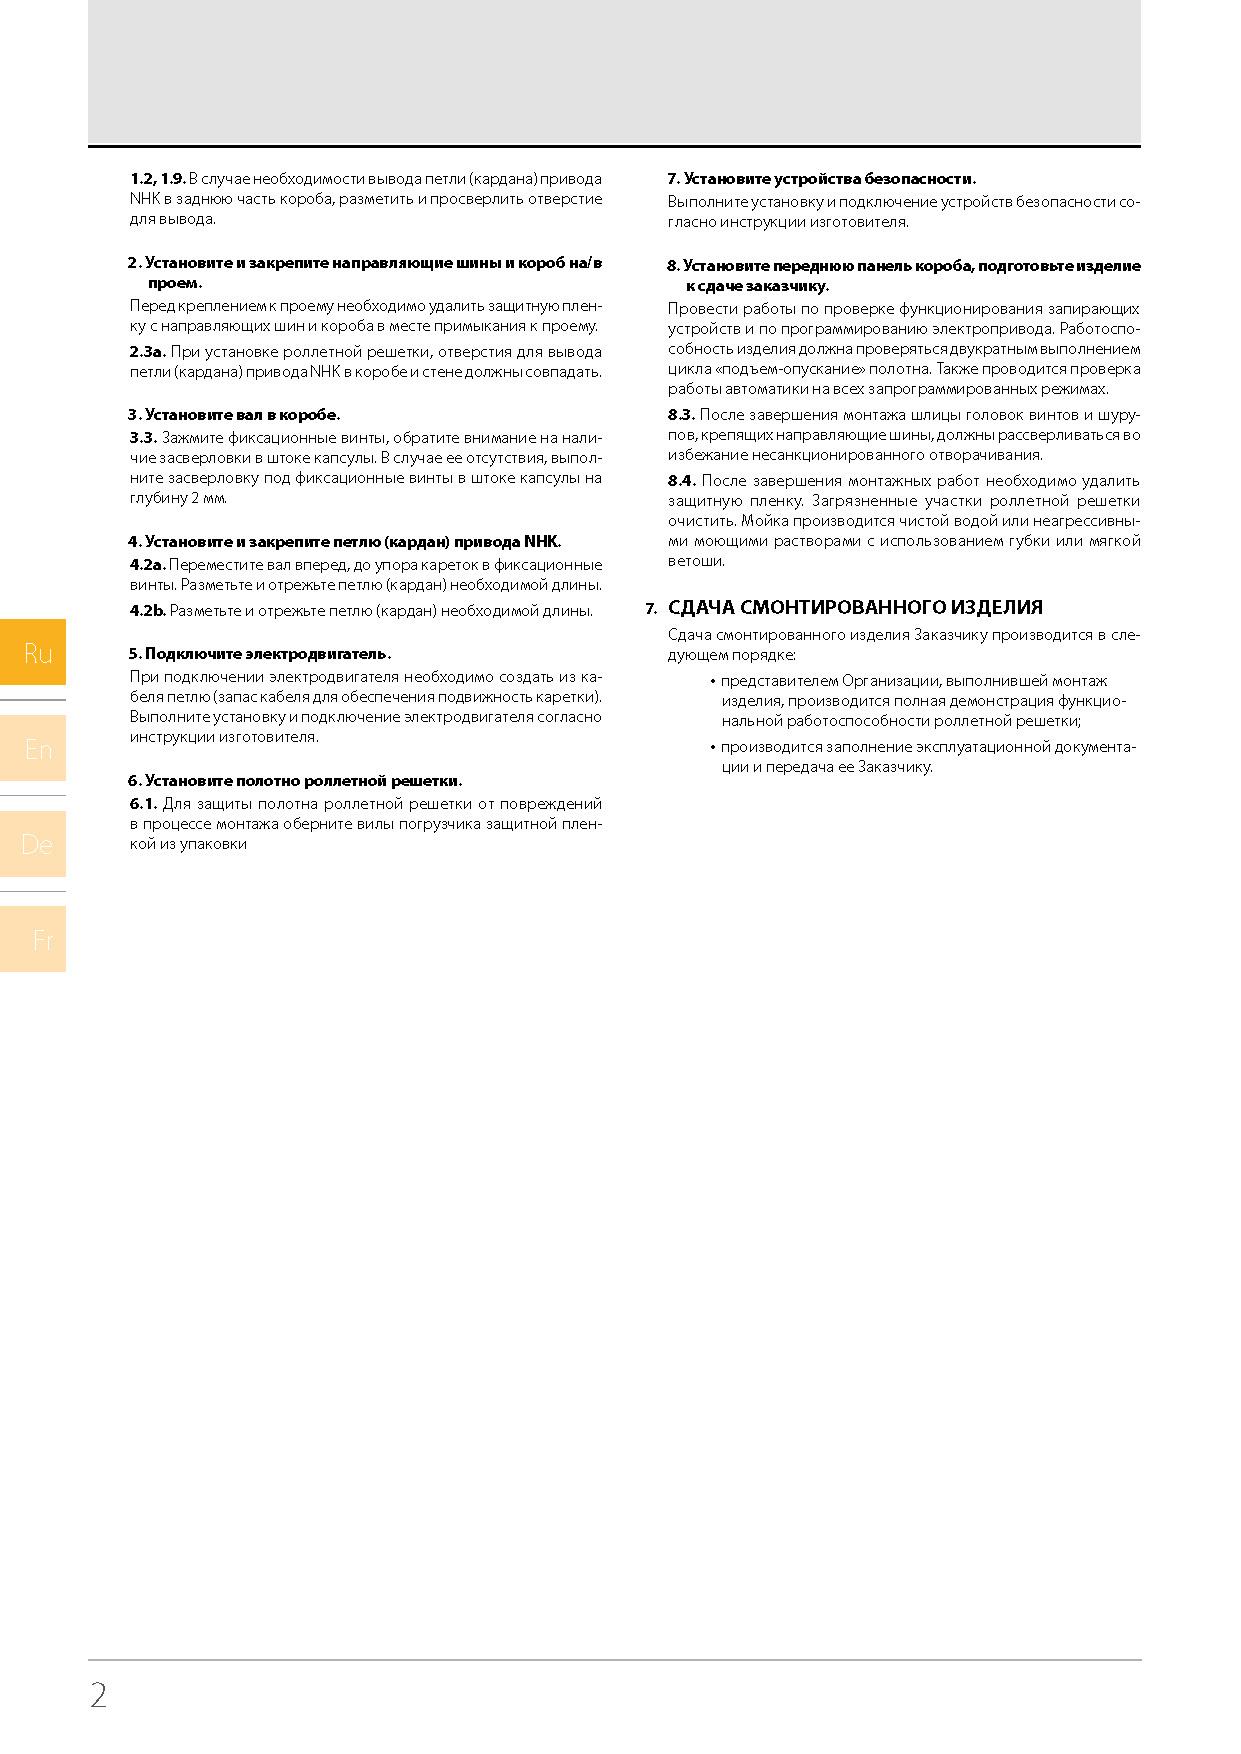 Инструкция по установке рулонных решеток Алютех